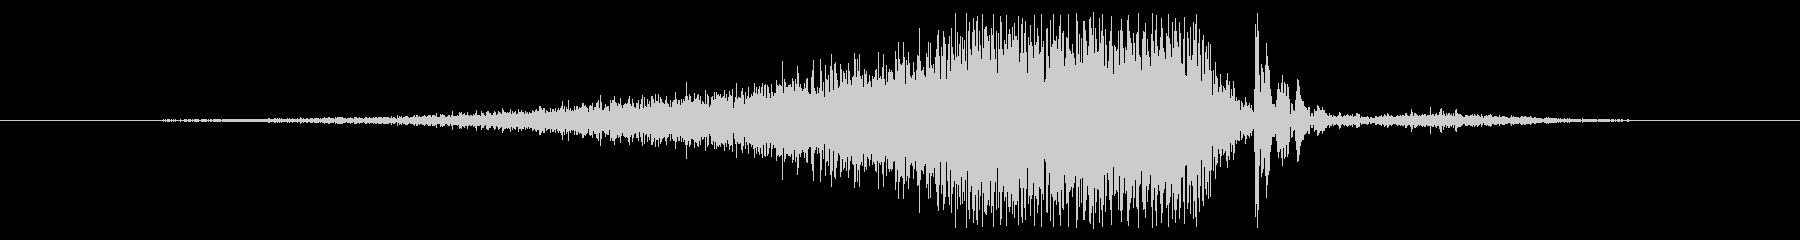 エアバーストリリースの影響の未再生の波形